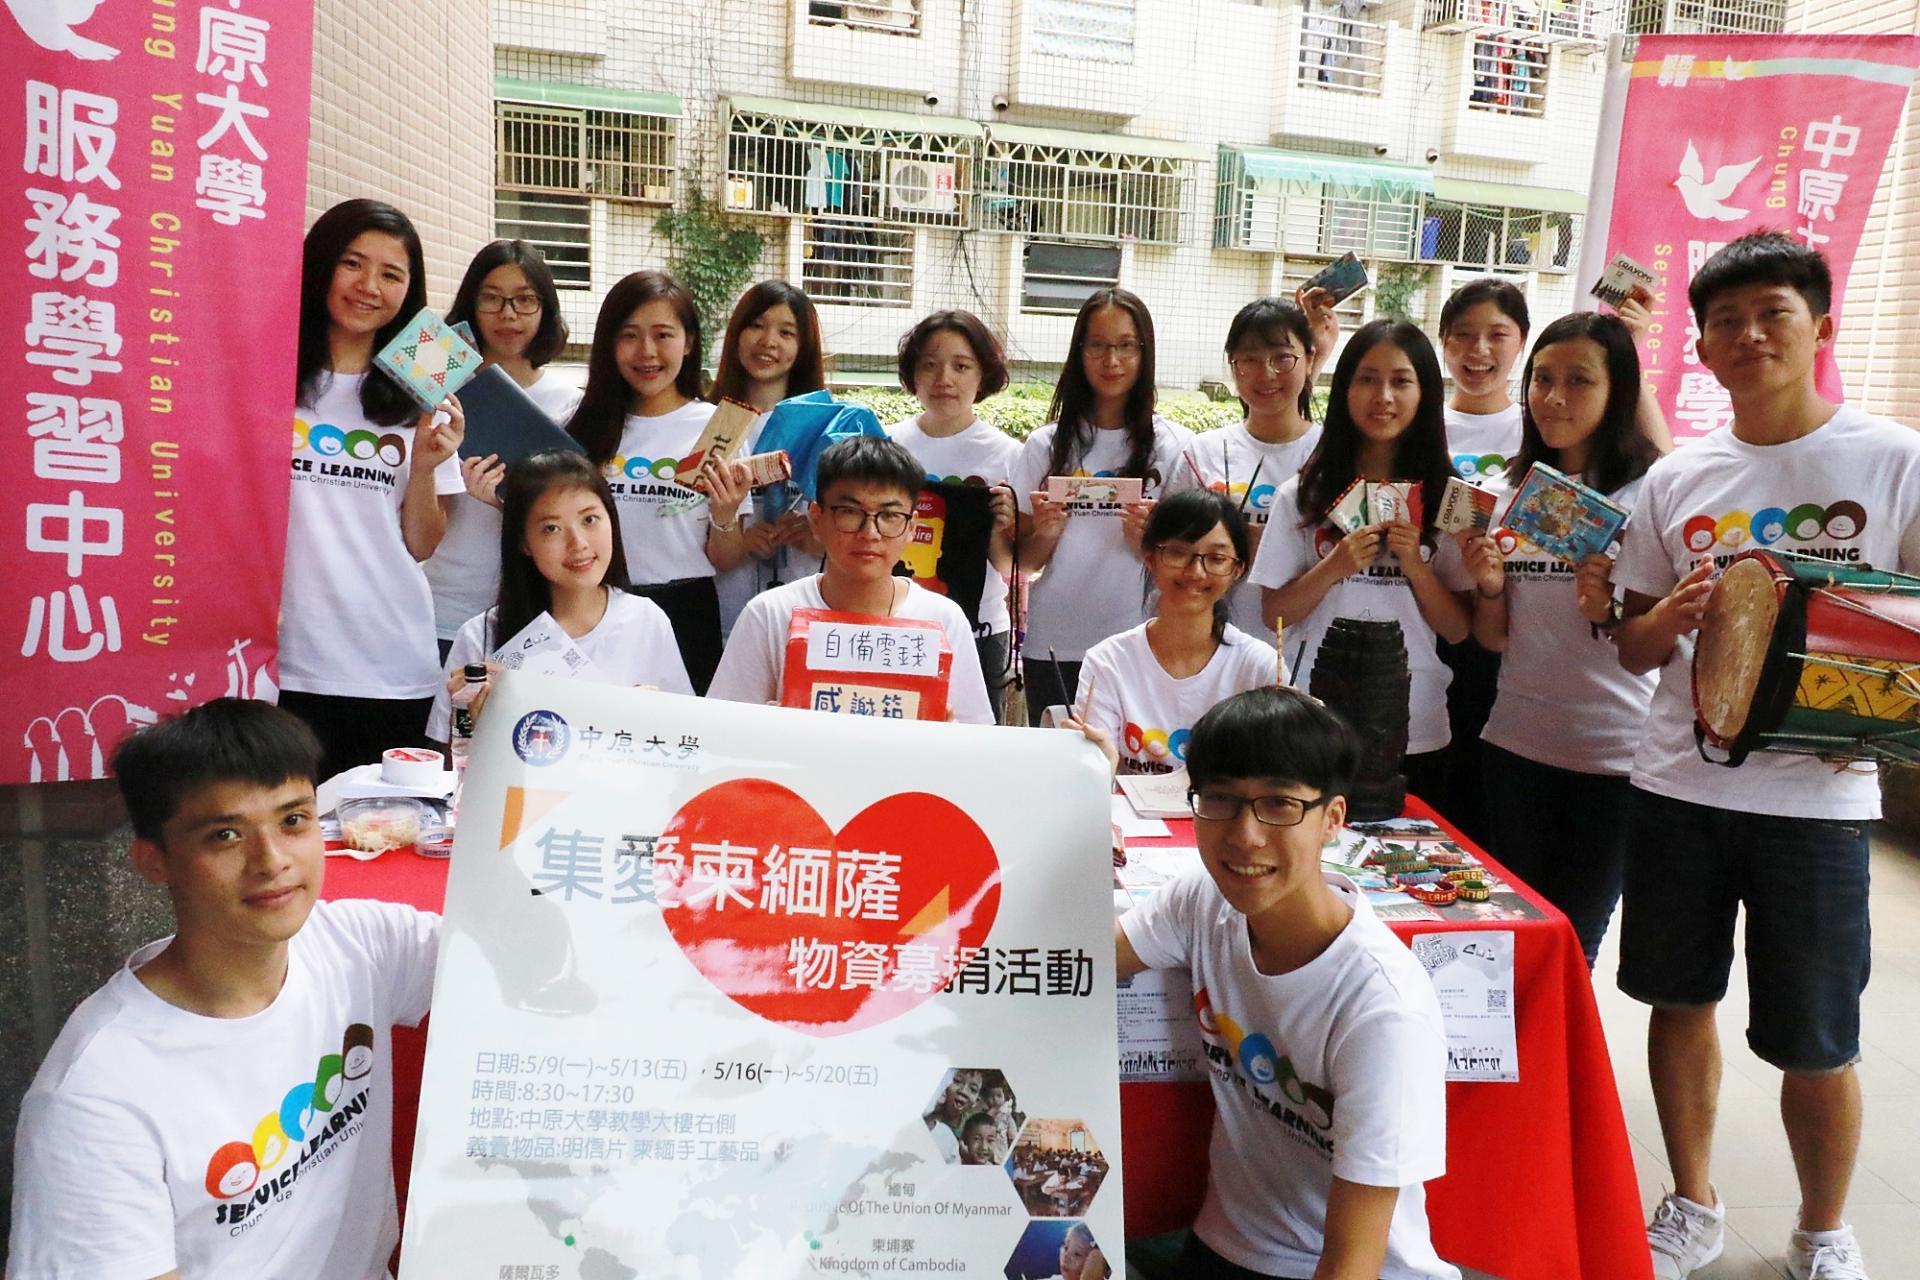 集愛柬緬薩—物資募集 海外服務學習讓二手物品傳遞愛